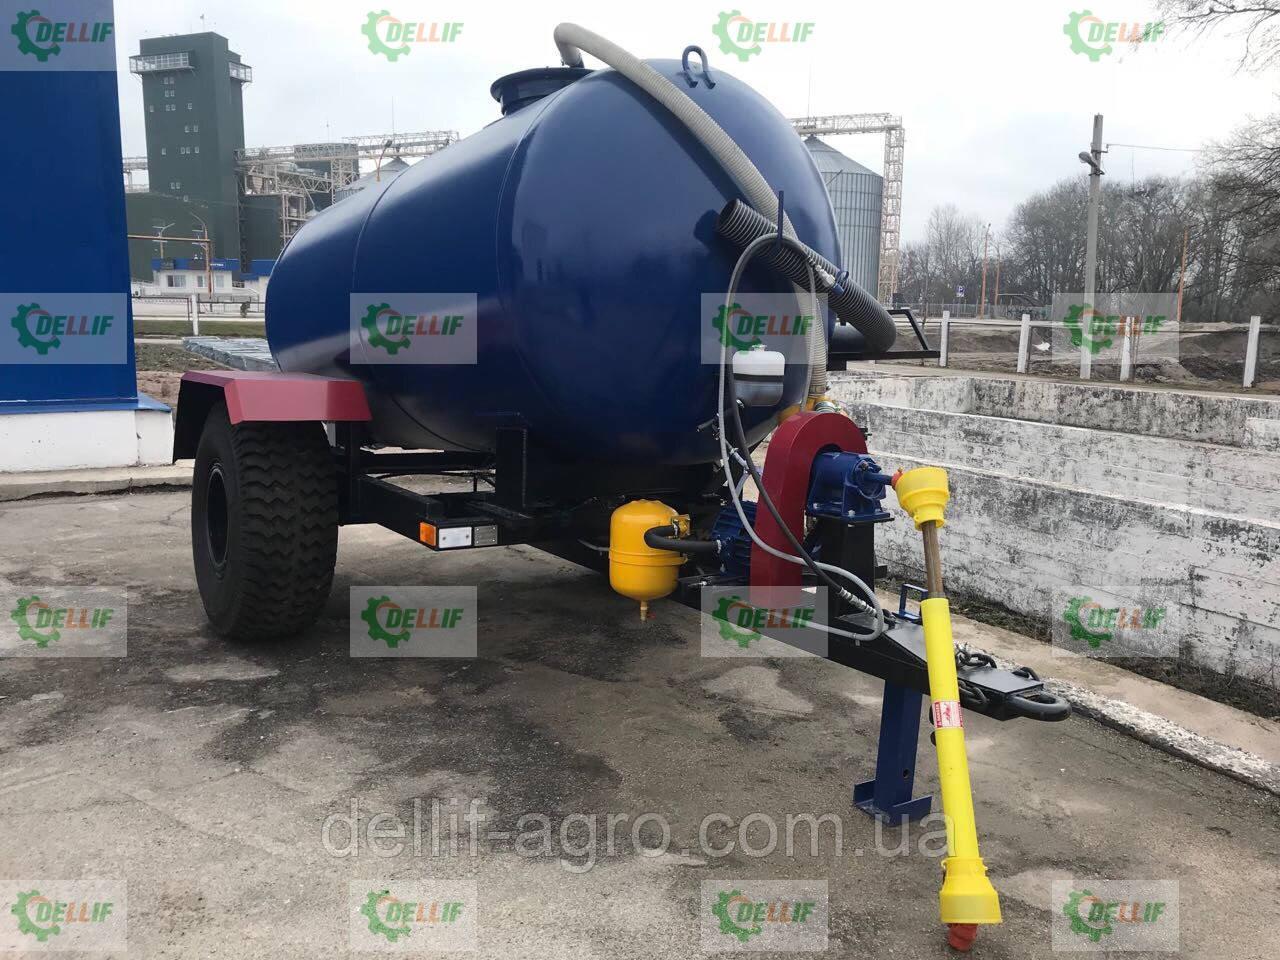 Ассенизаторская прицепная бочка для внесения жидкого навоза (воды), транспортировки отходов объёмом 4 куба